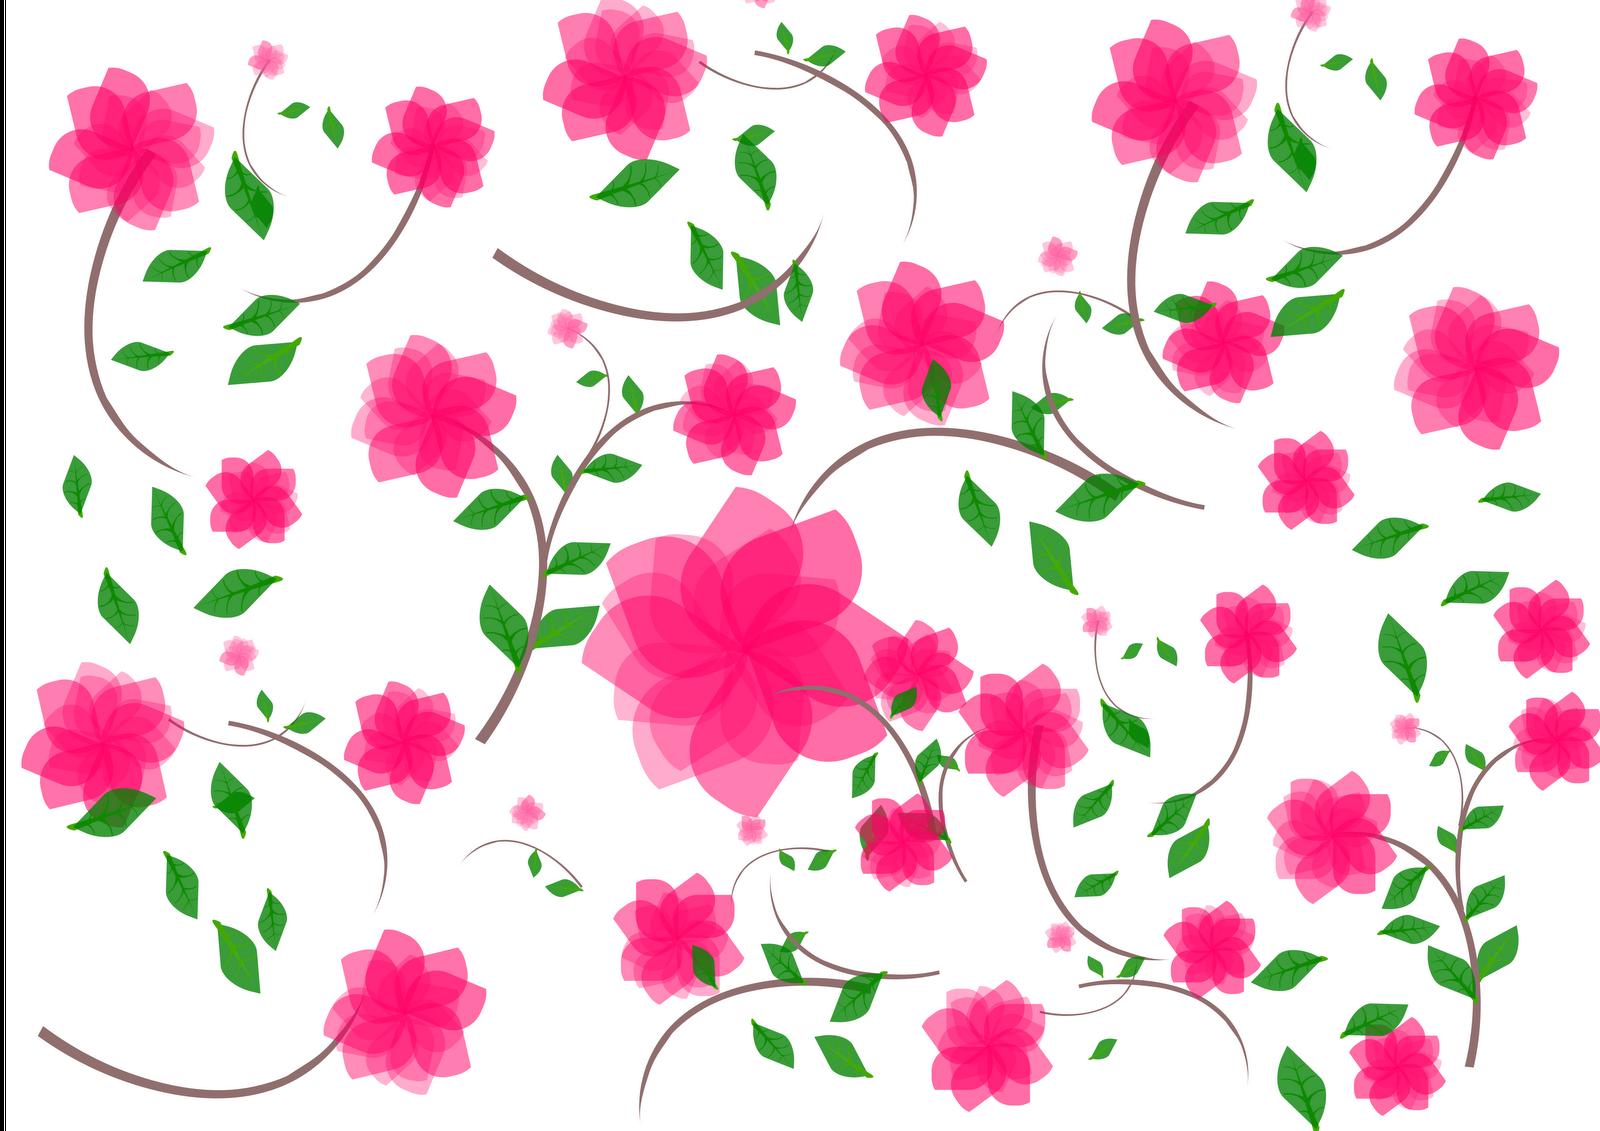 Gambar Vektor Wallpaper Bunga - Gudang Wallpaper